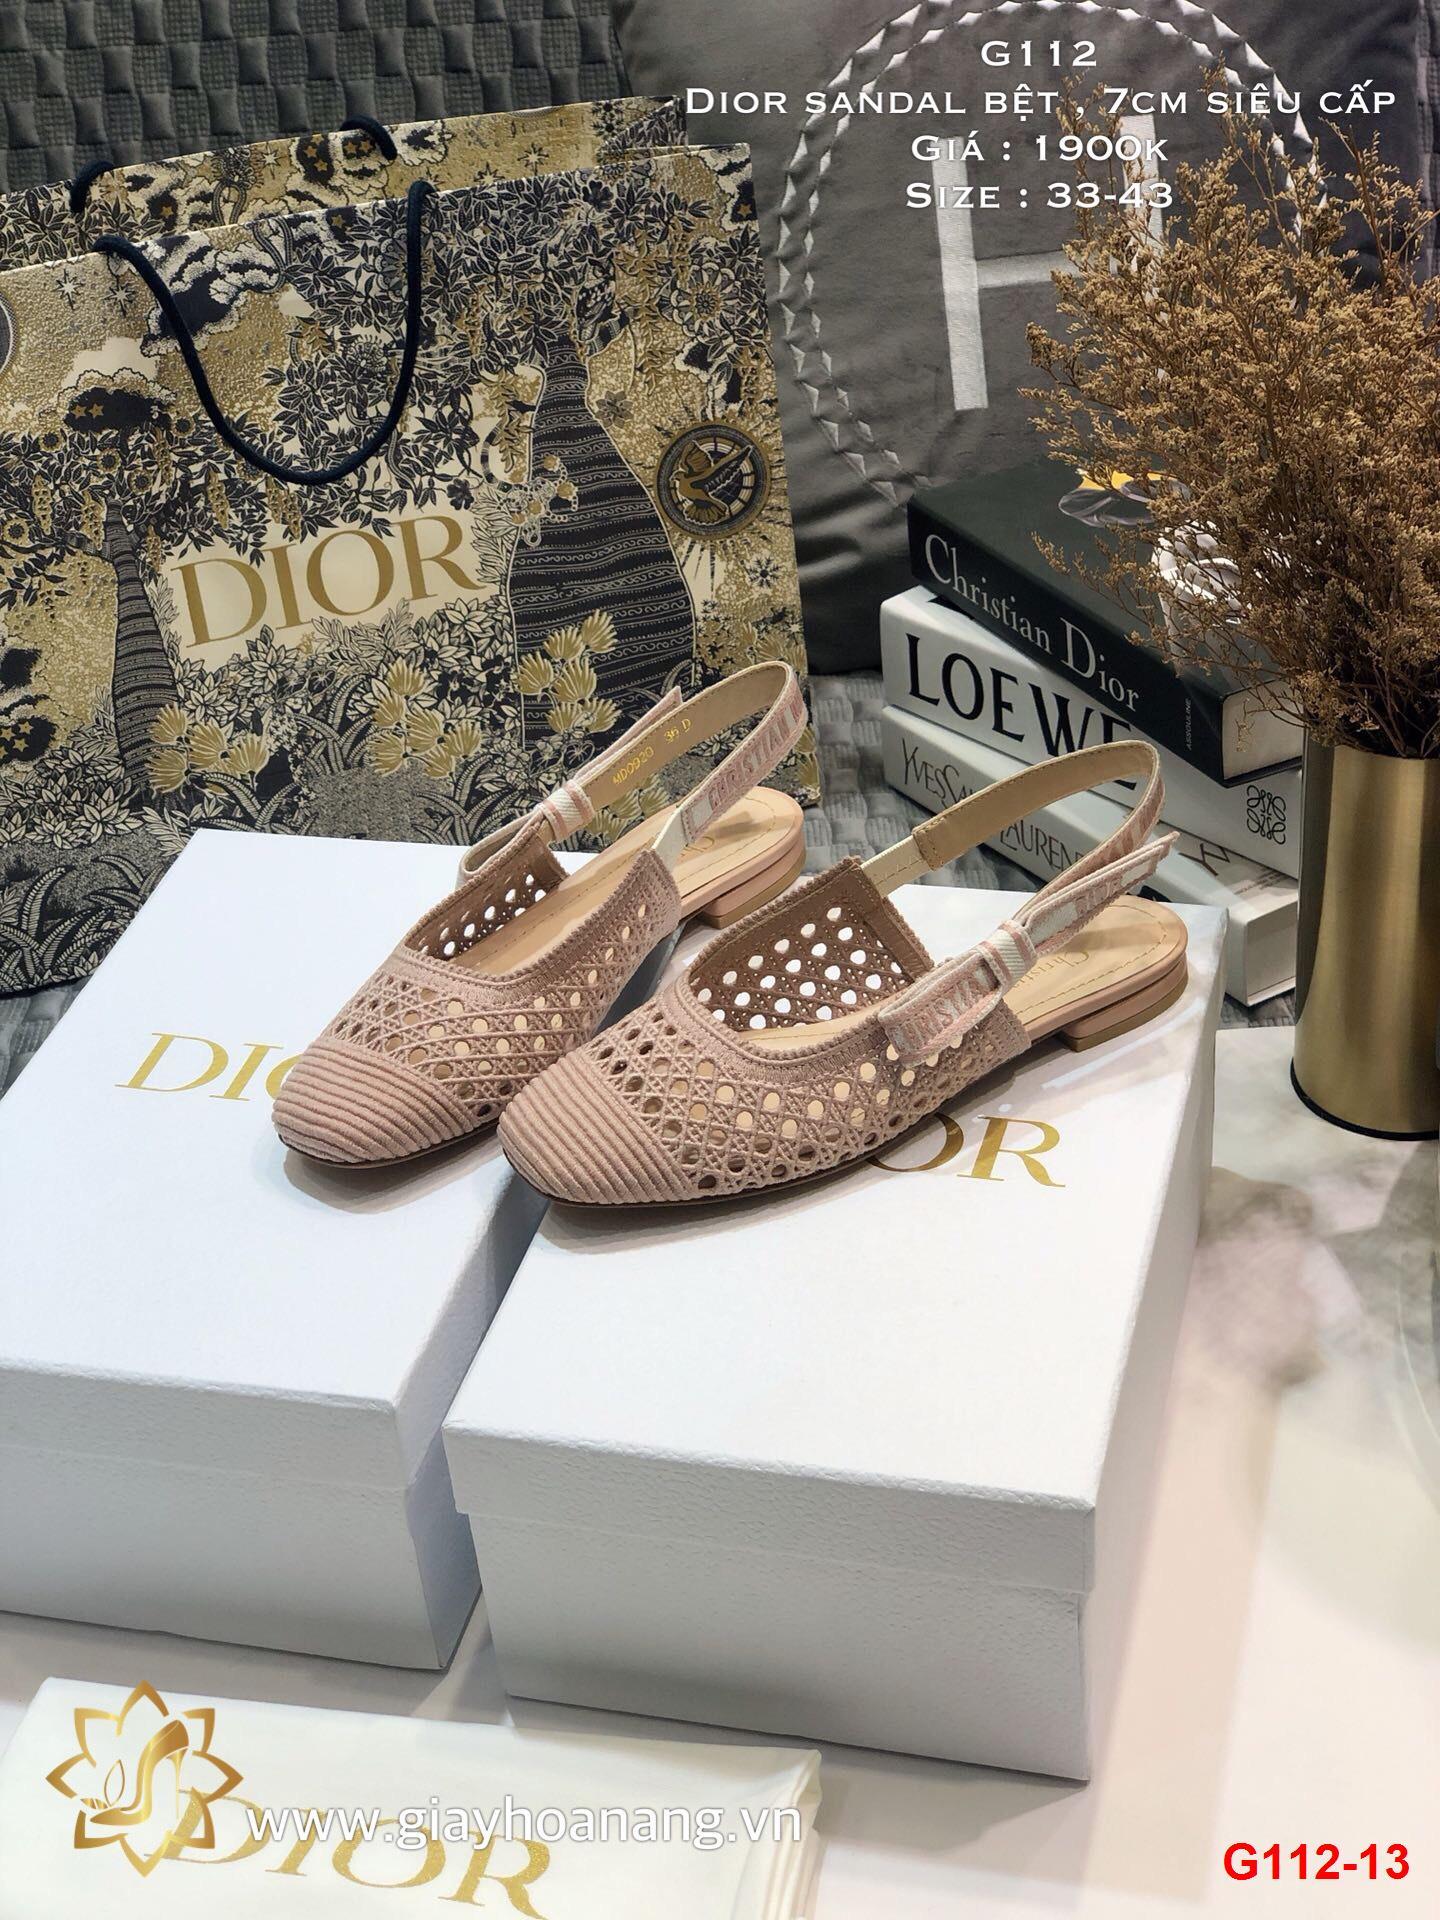 G112-13 Dior sandal bệt , 7cm siêu cấp